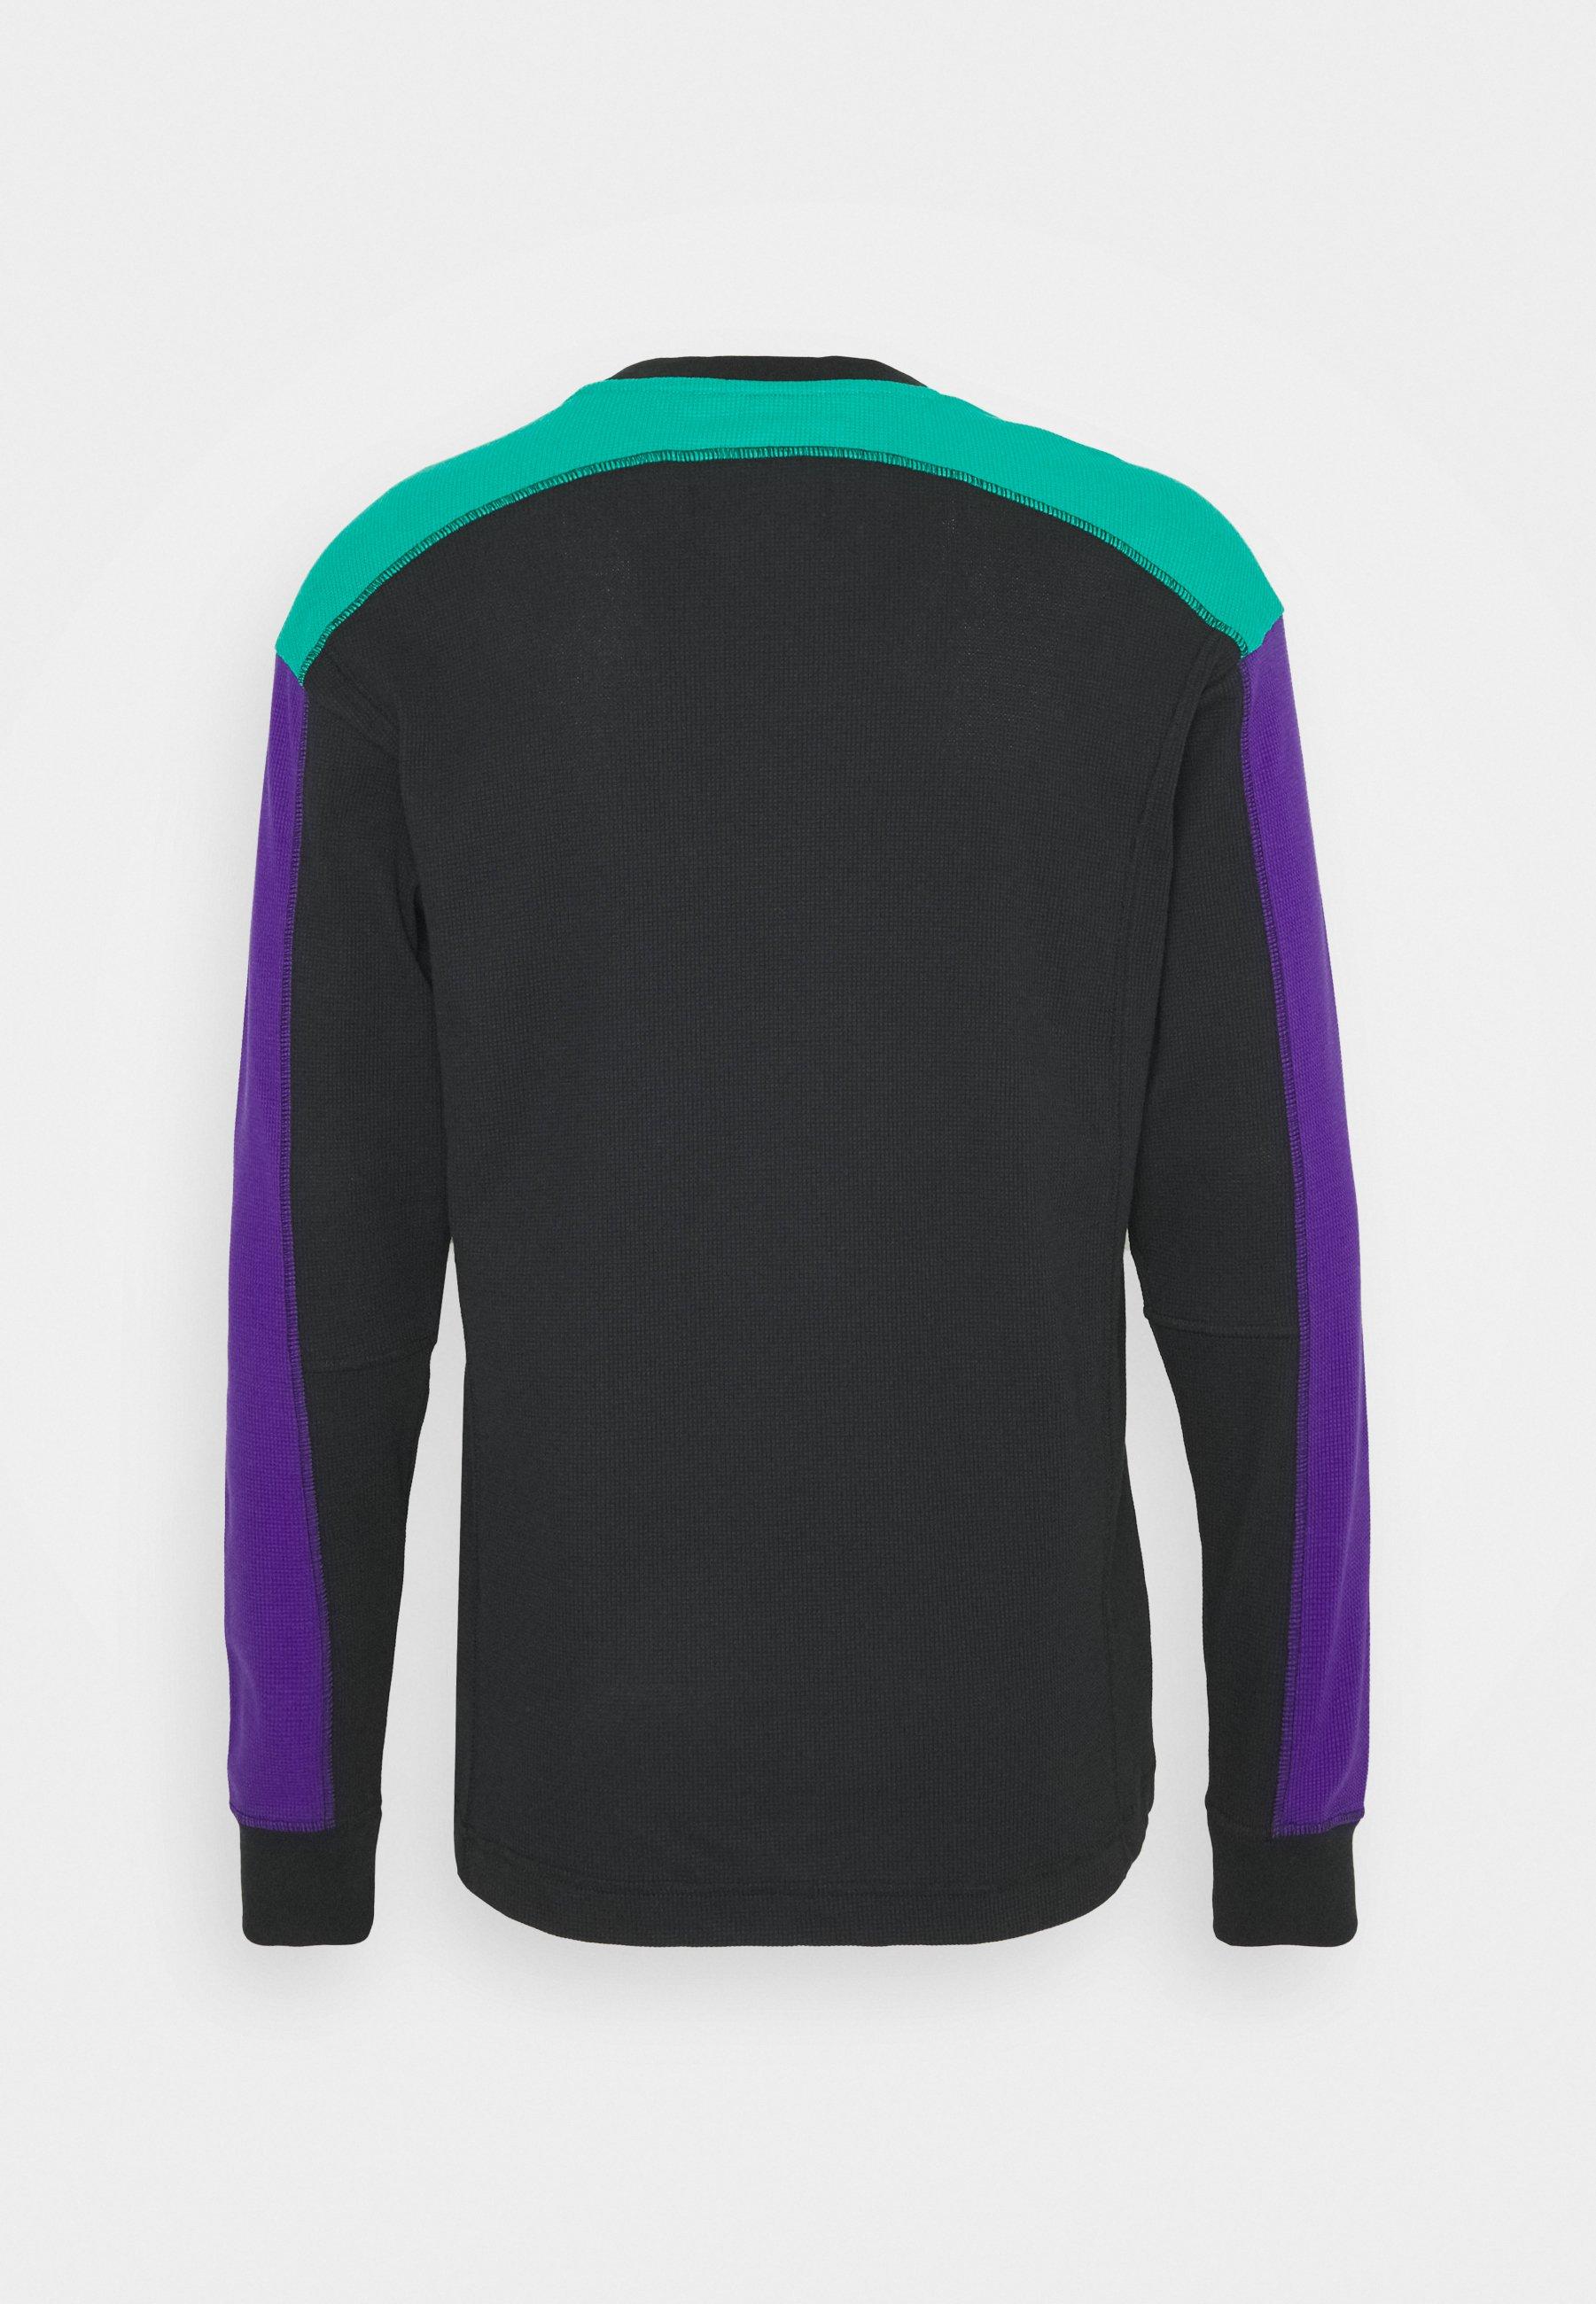 Jordan Mountainside Thermal - Topper Langermet Black/neptune Green/court Purple/svart